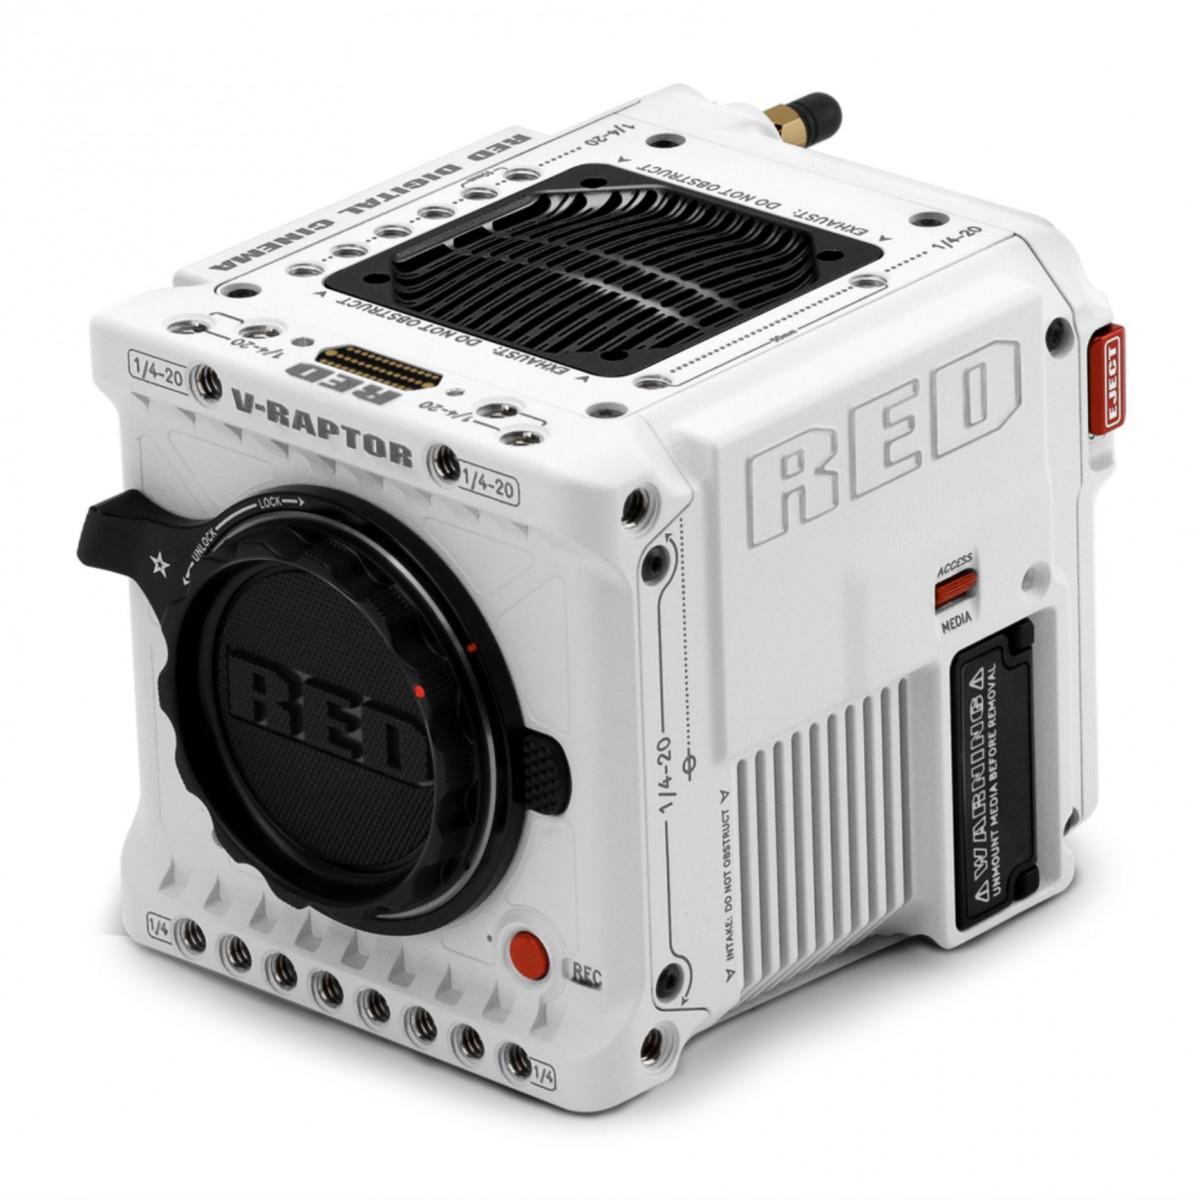 Red V-Raptor ST est le dernier appareil photo phare de la société à 25 000 $